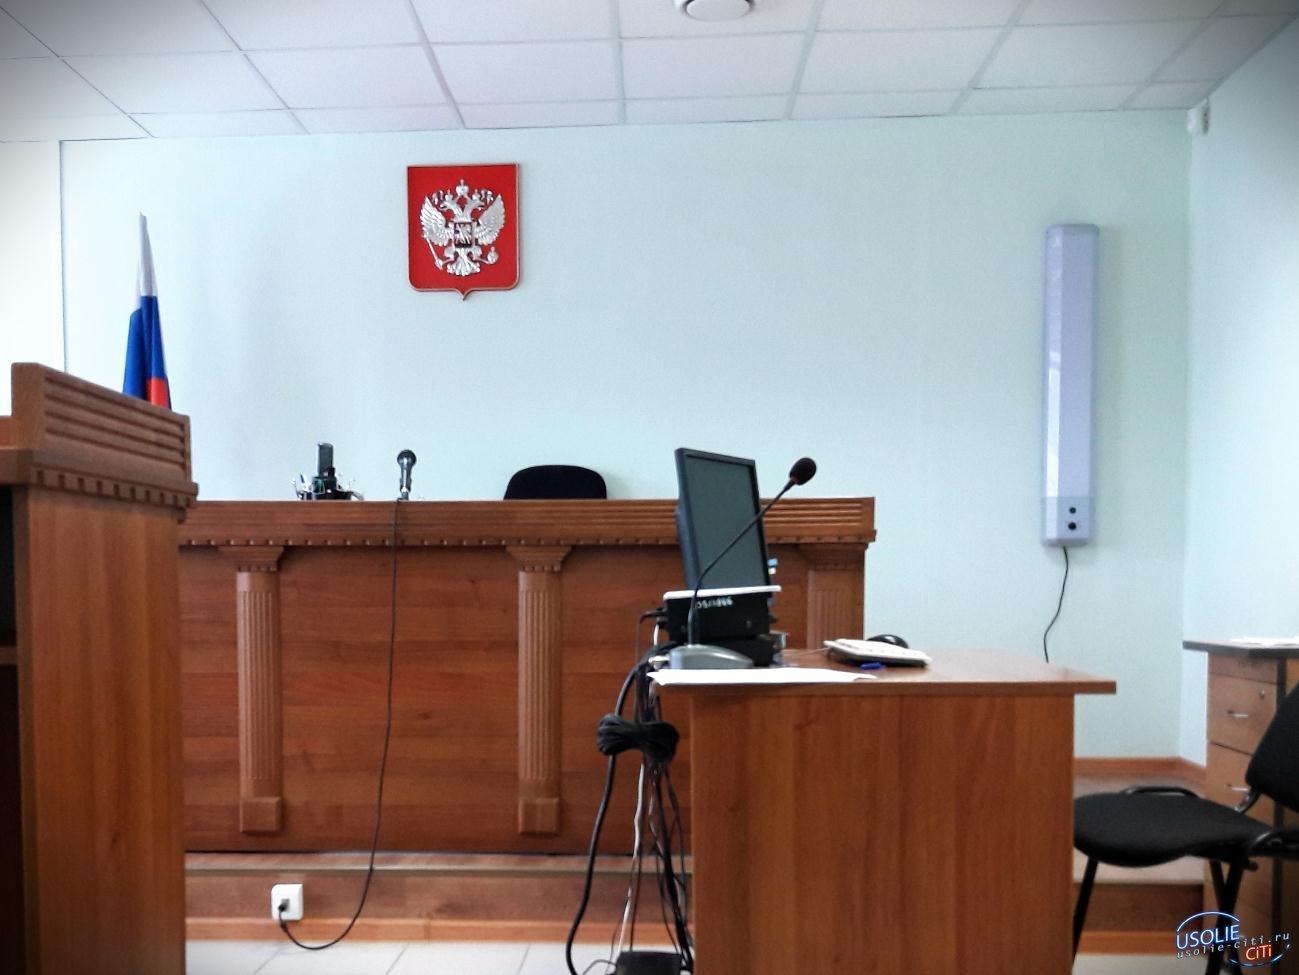 Усольчанина оштрафовали за публикацию свастики в соцсетях